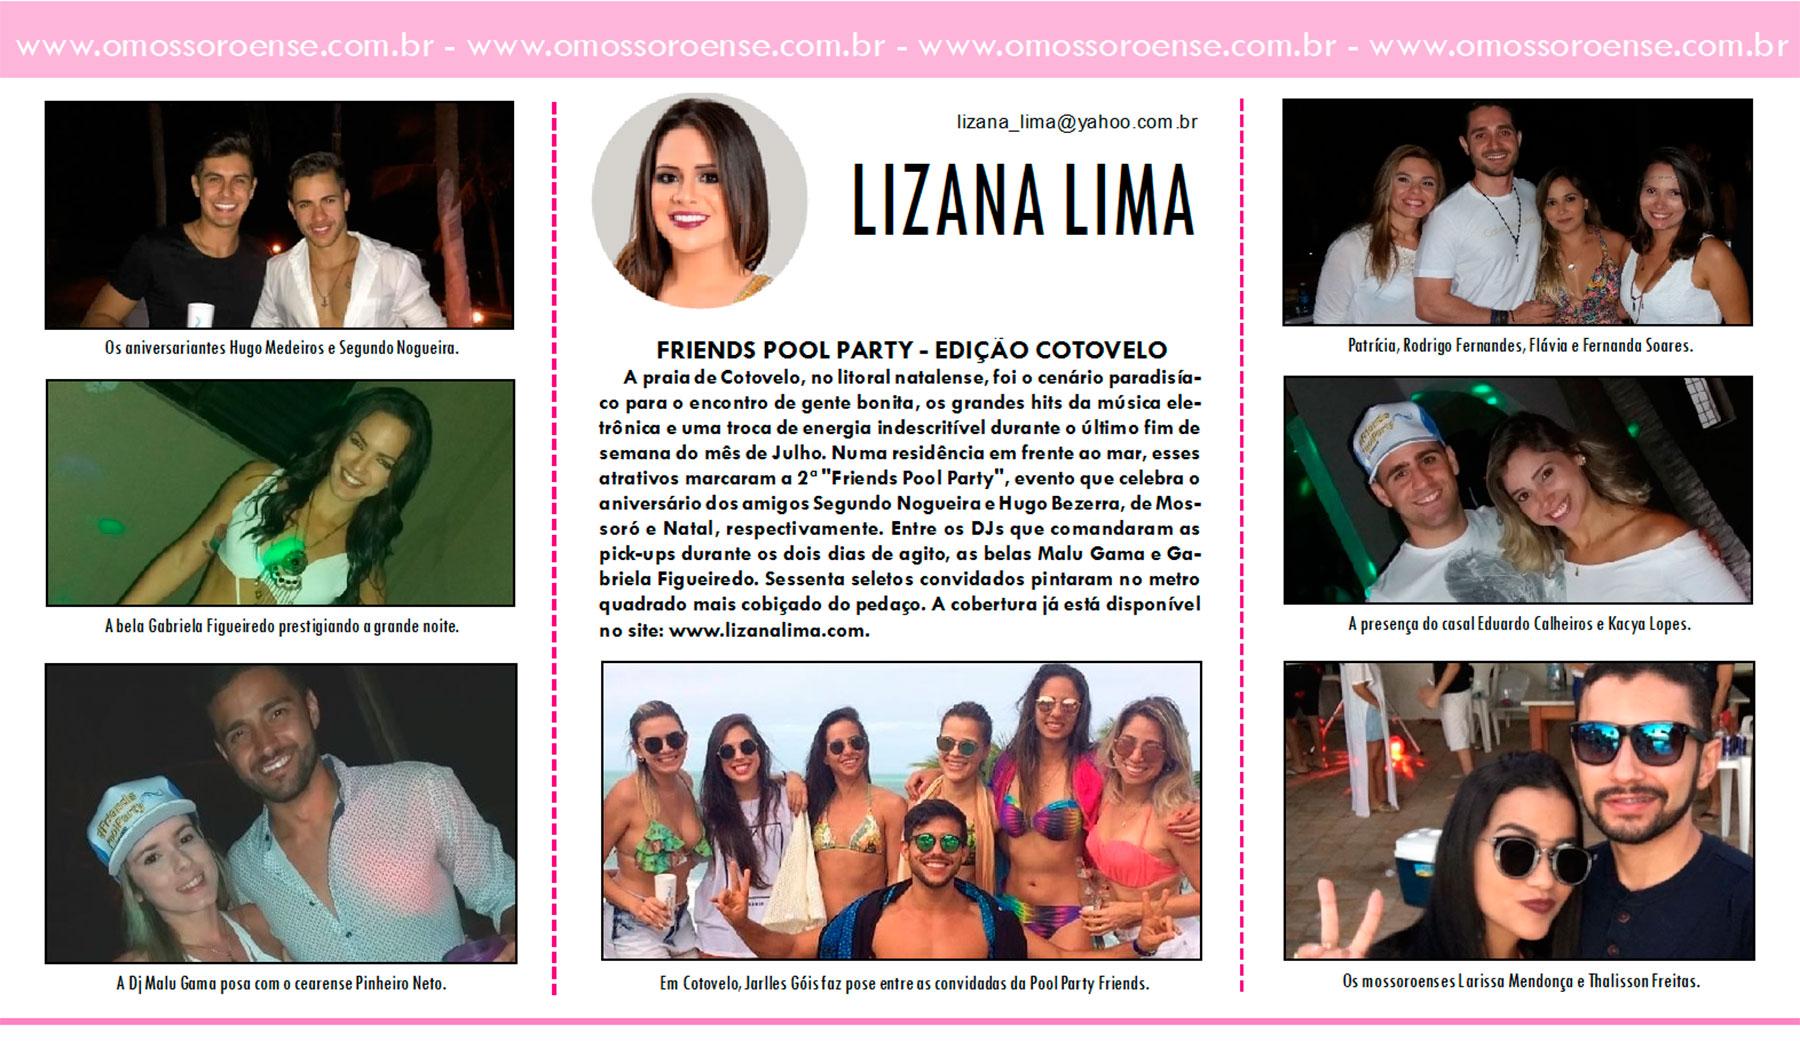 LIZANA-LIMA-01-08-16